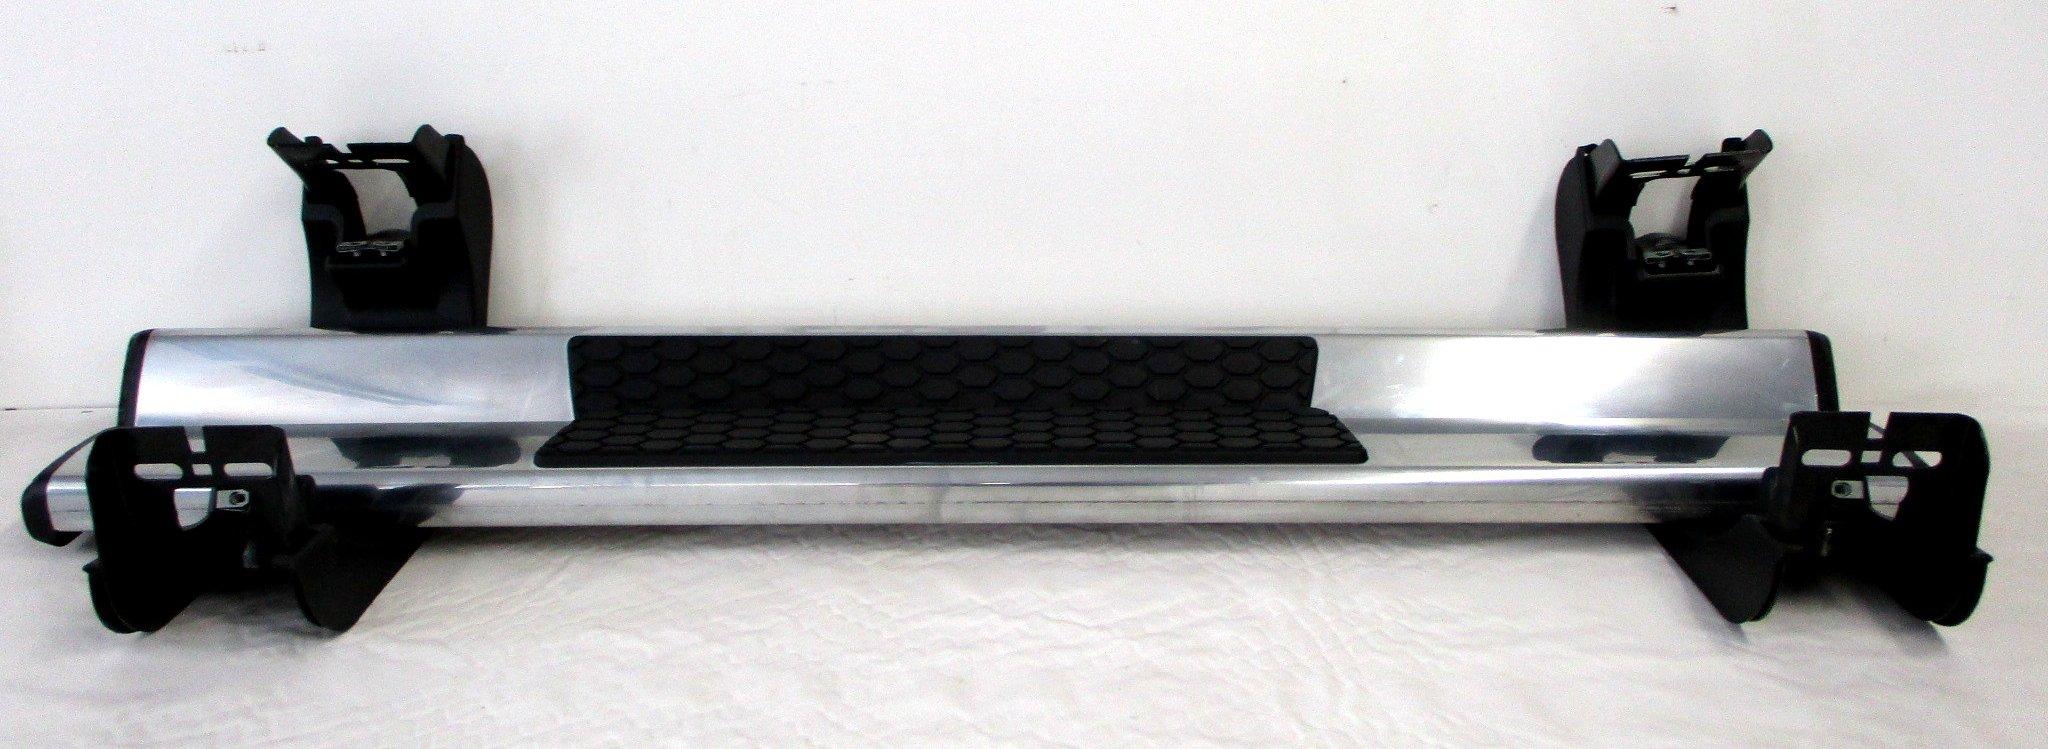 oem 09 13 dodge ram 1500 reg cab chrome side steps running board 2500 3500 ebay. Black Bedroom Furniture Sets. Home Design Ideas